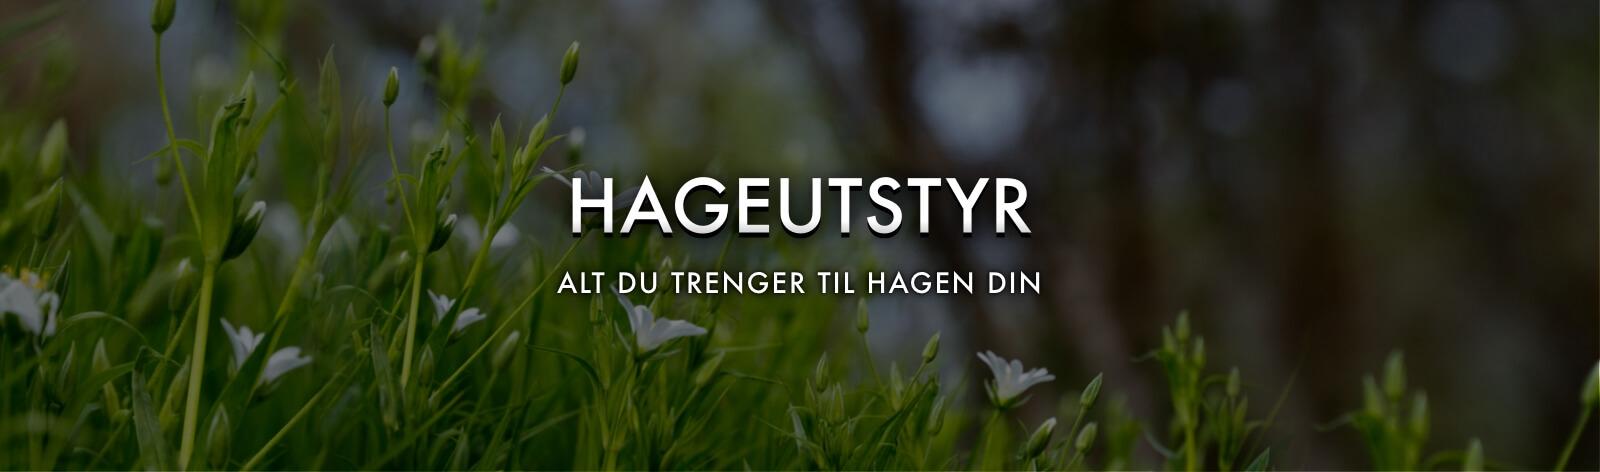 Hus & Hage